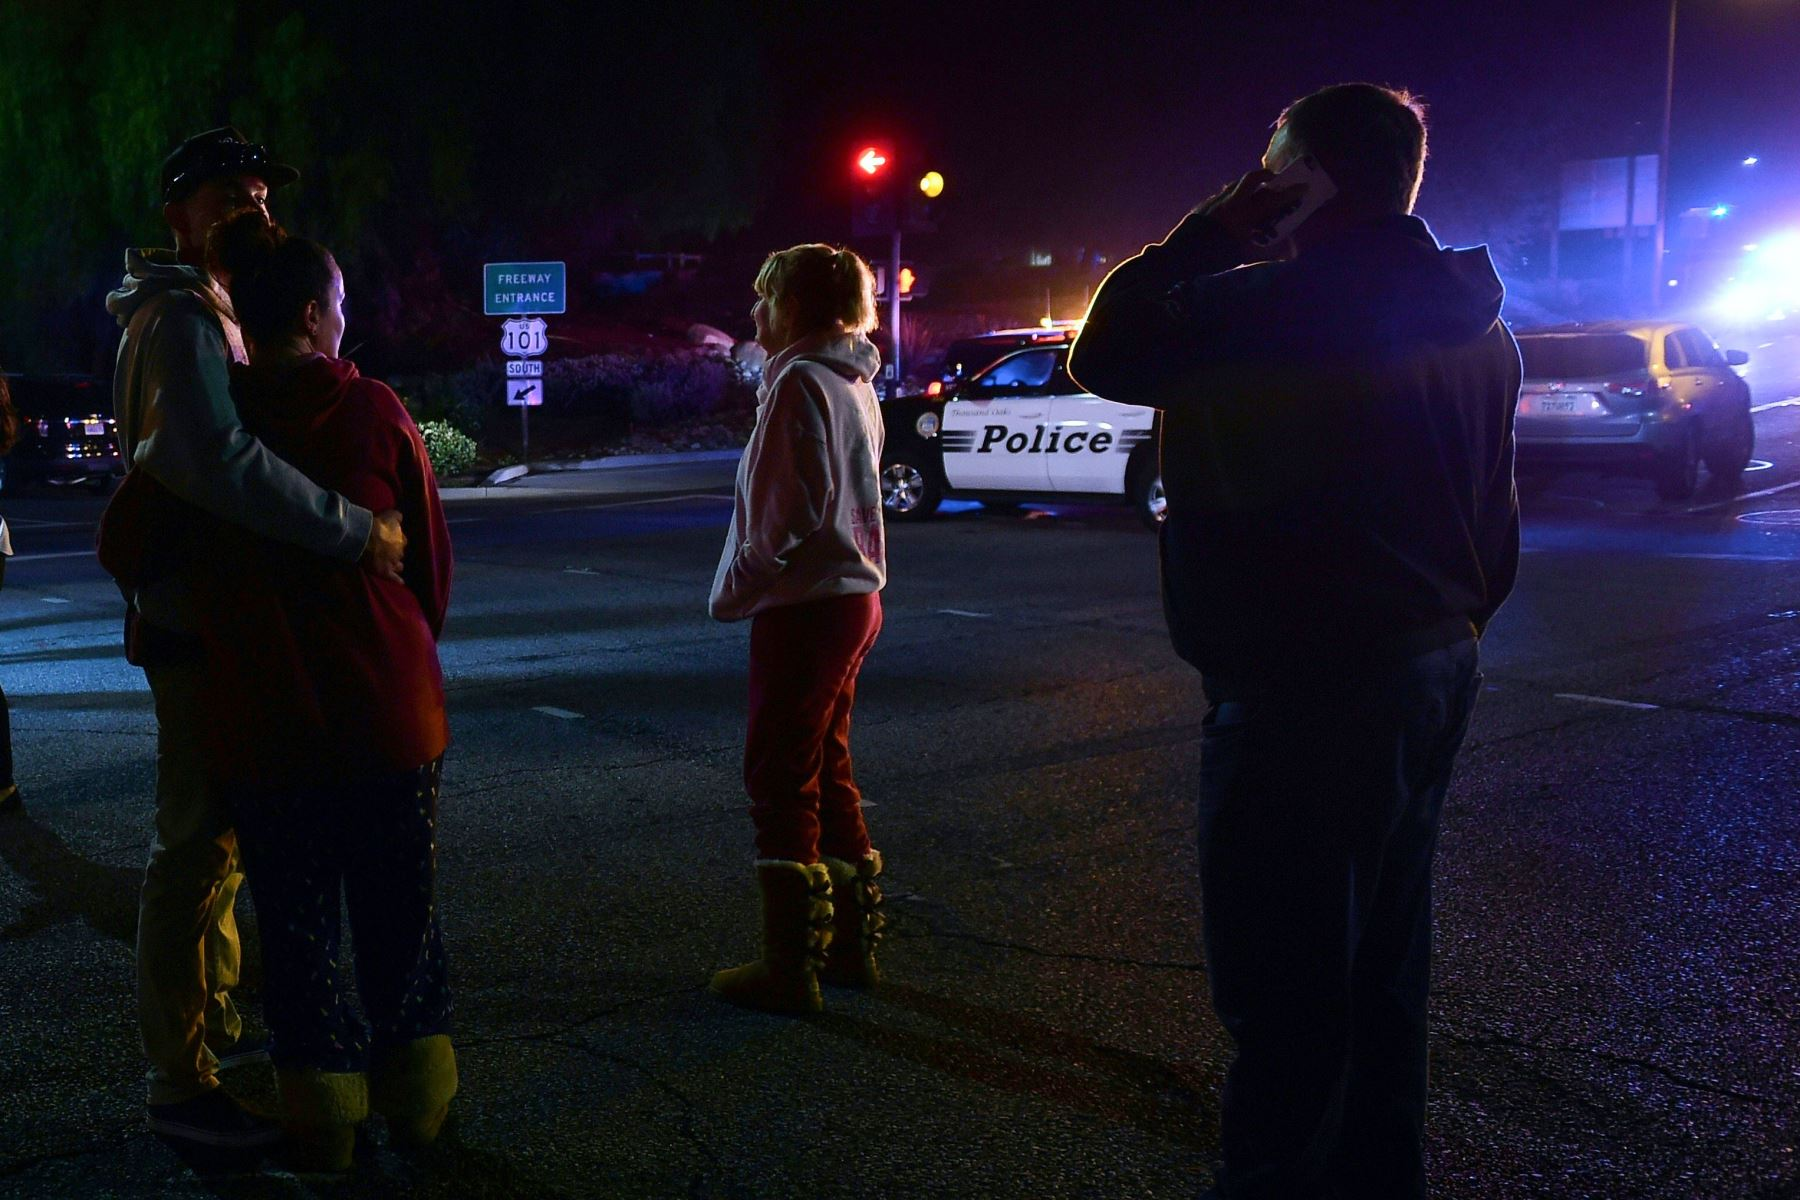 Las personas se ponen de pie y observan cómo se despliega la escena desde la intersección de la autopista US 101 y la salida de Moorpark Rad mientras los vehículos de la policía cierran el área frente a un bar de música country y salón de baile en Thousand Oaks, al oeste de Los Ángeles, donde un hombre armado abrió fuego tarde El 7 de noviembre de 2018, matando al menos a 12 personas, dijo la policía estadounidense. AFP